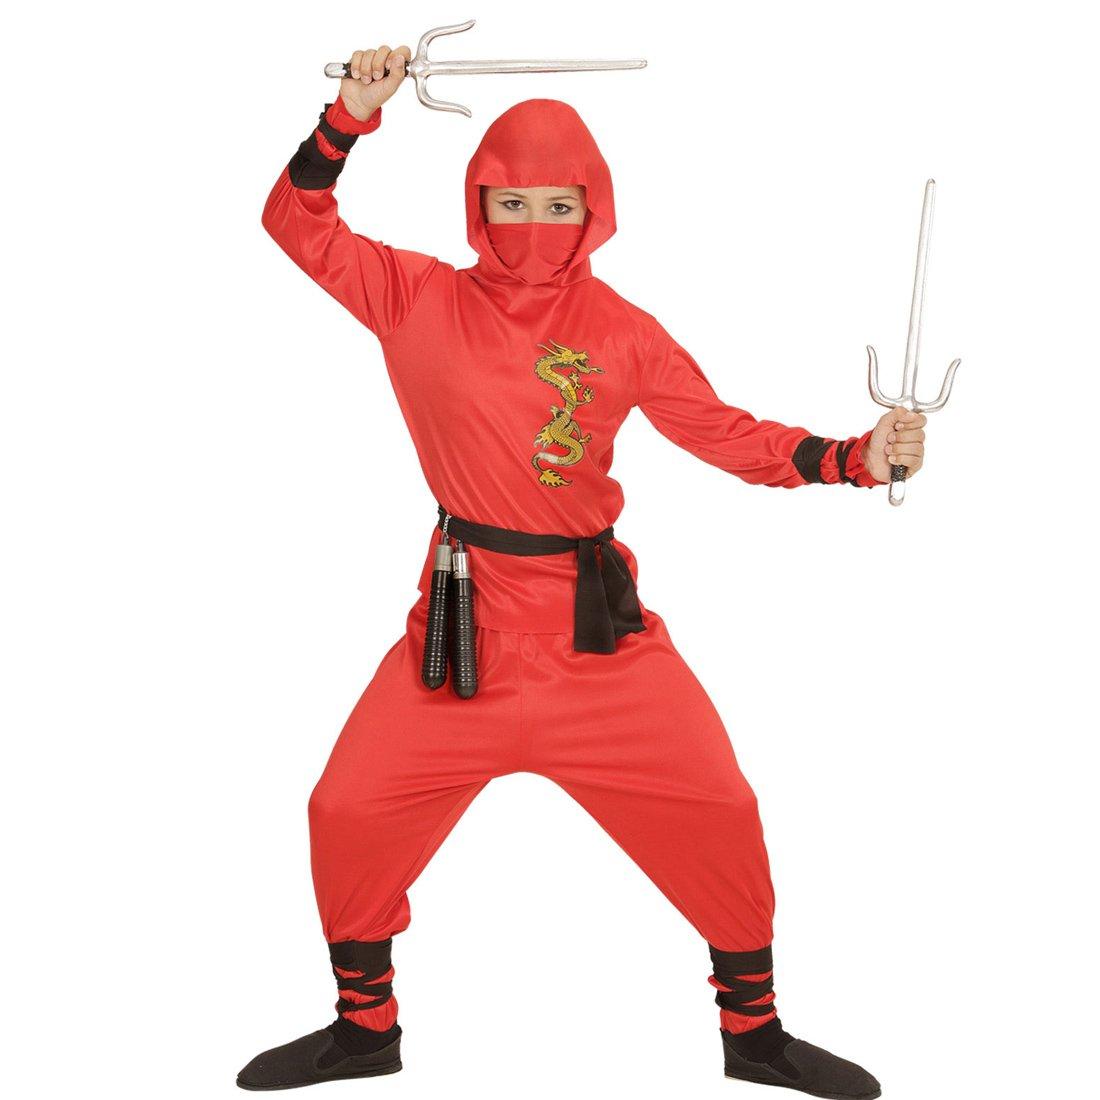 NET TOYS Traje Ninja Rojo para niño Atuendo Samurai M 140 cm ...